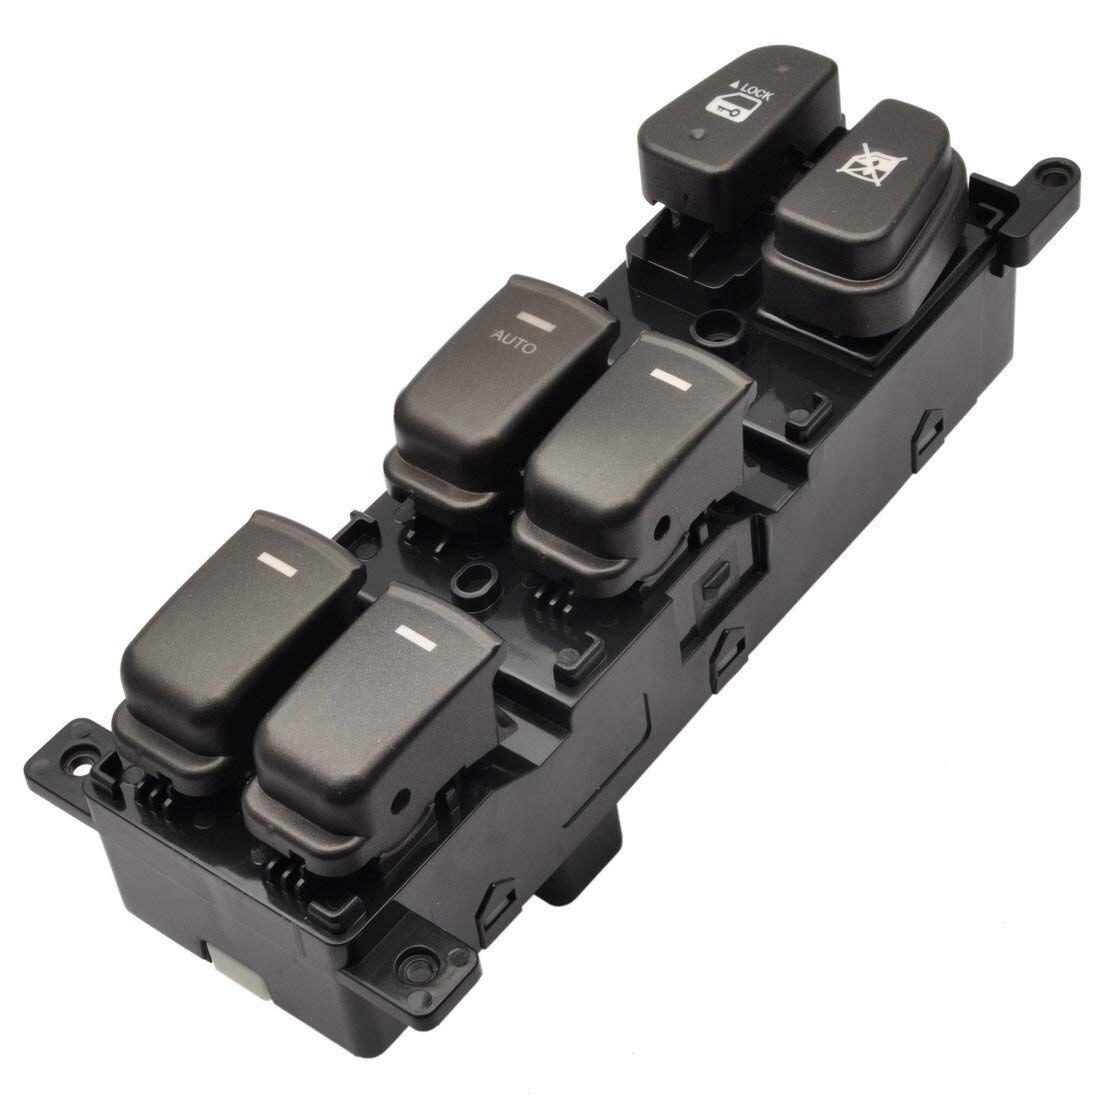 Interruptor de ventanilla eléctrica principal lado izquierdo del conductor para Hyundai 08-10 Sonata 935703K600 93570-3K600